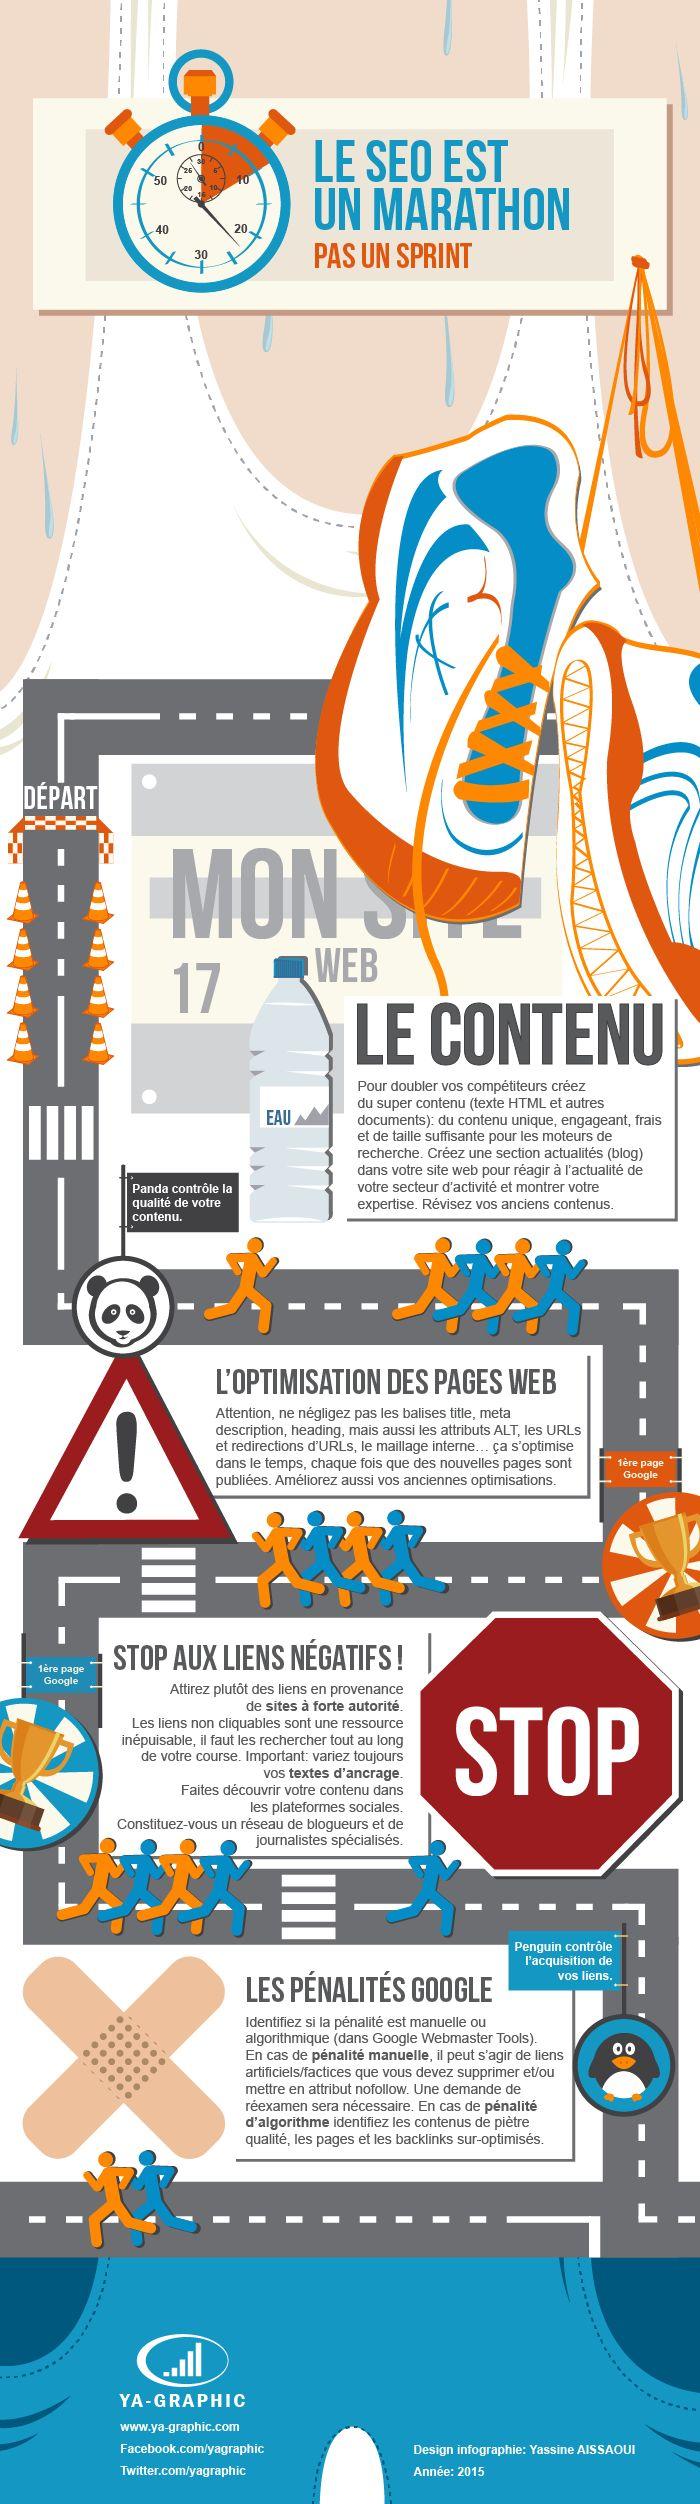 Infographie SEO : le SEO est un marathon, pas un sprint - #SEO #reseauxsociaux